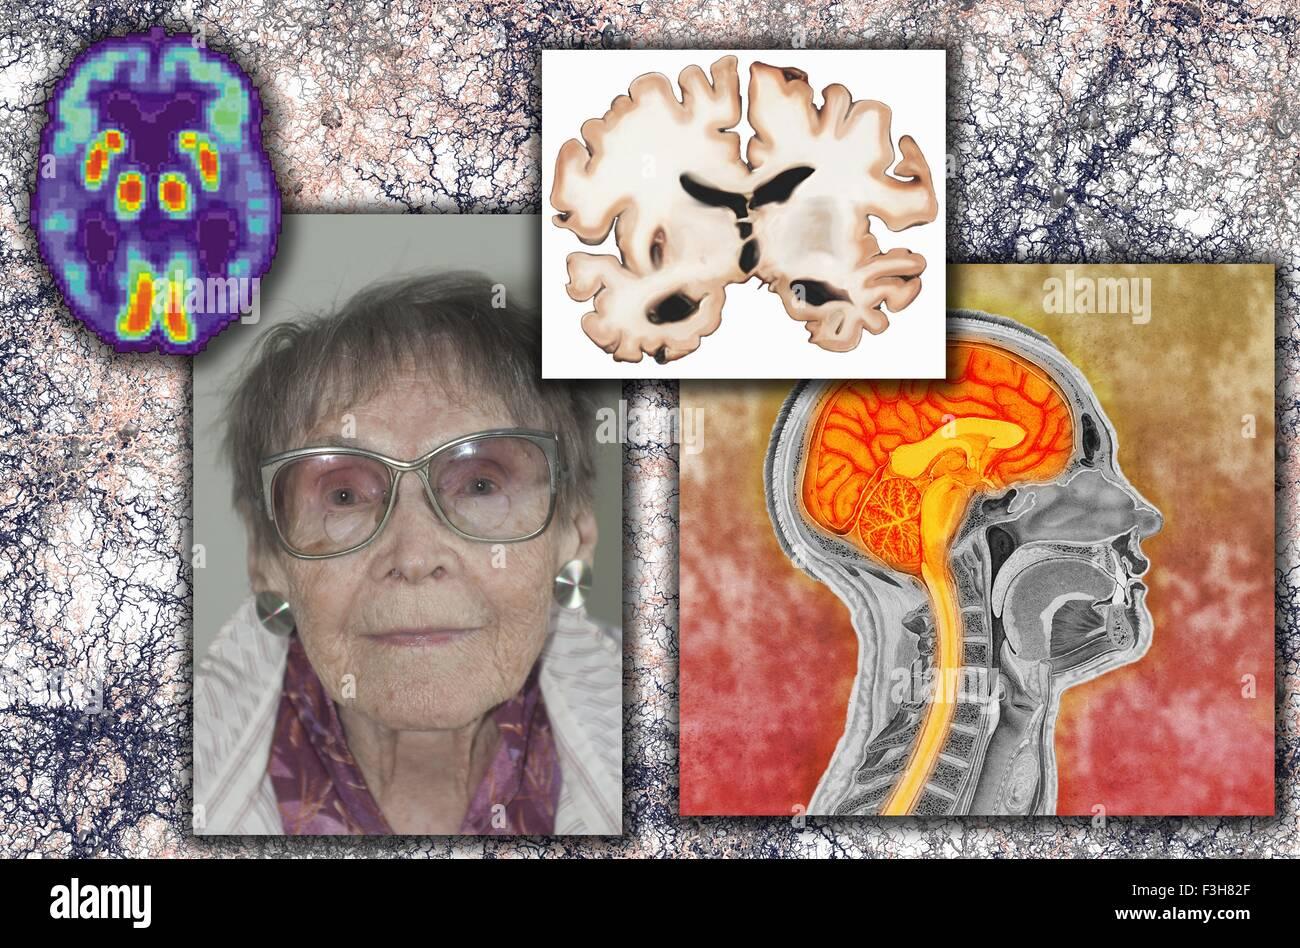 Senior woman Alzheimer's disease illustration - Stock Image